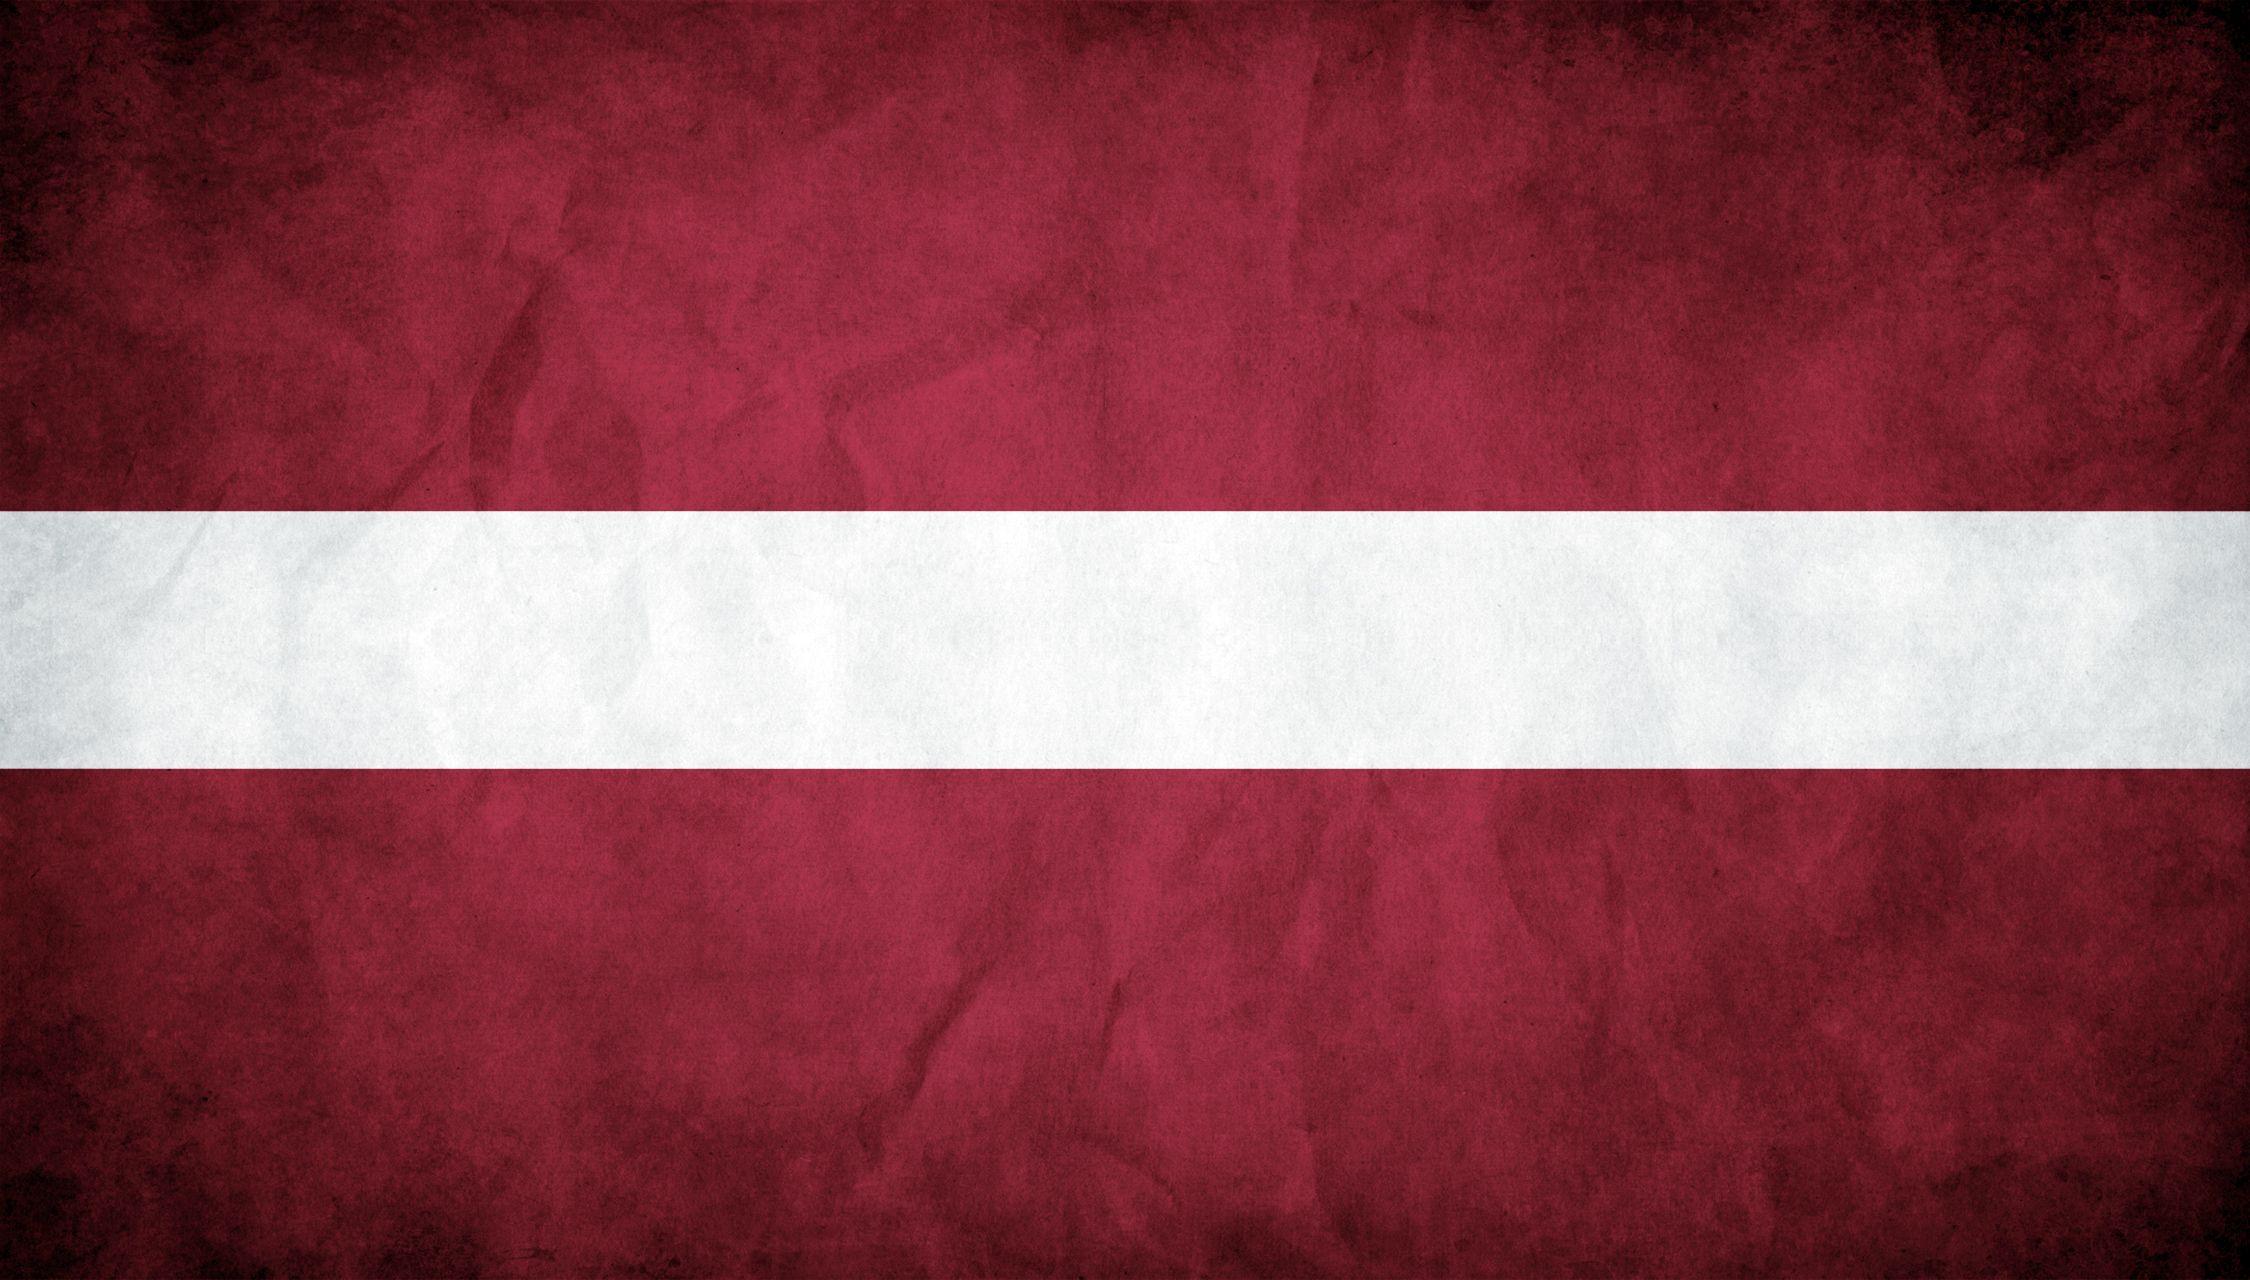 Latvia grunge flag photo